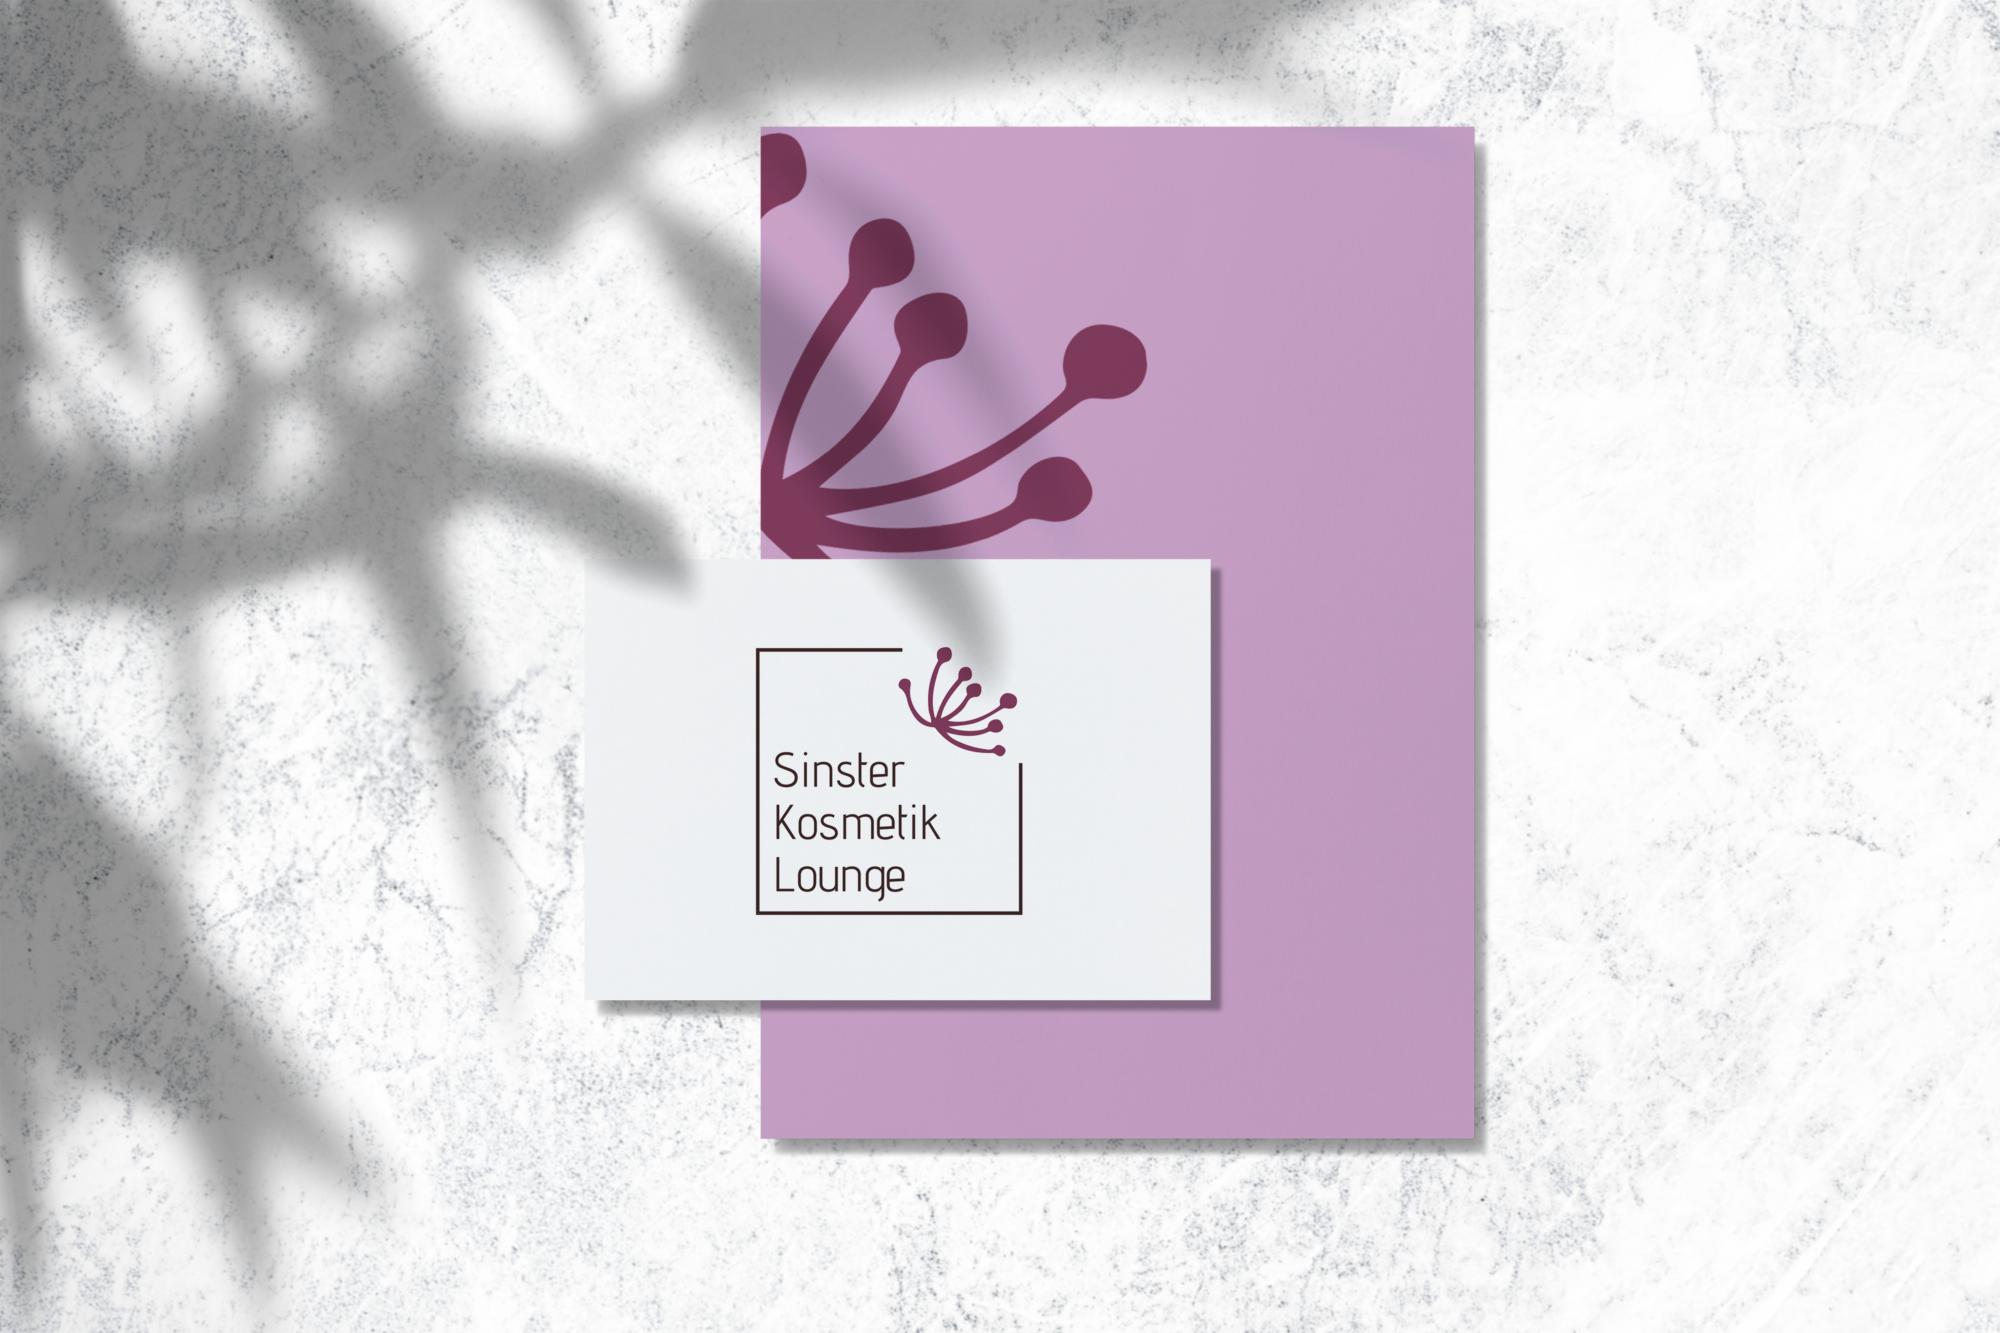 Logodesign Für Sinster Kosmetik Lounge Studio Fein